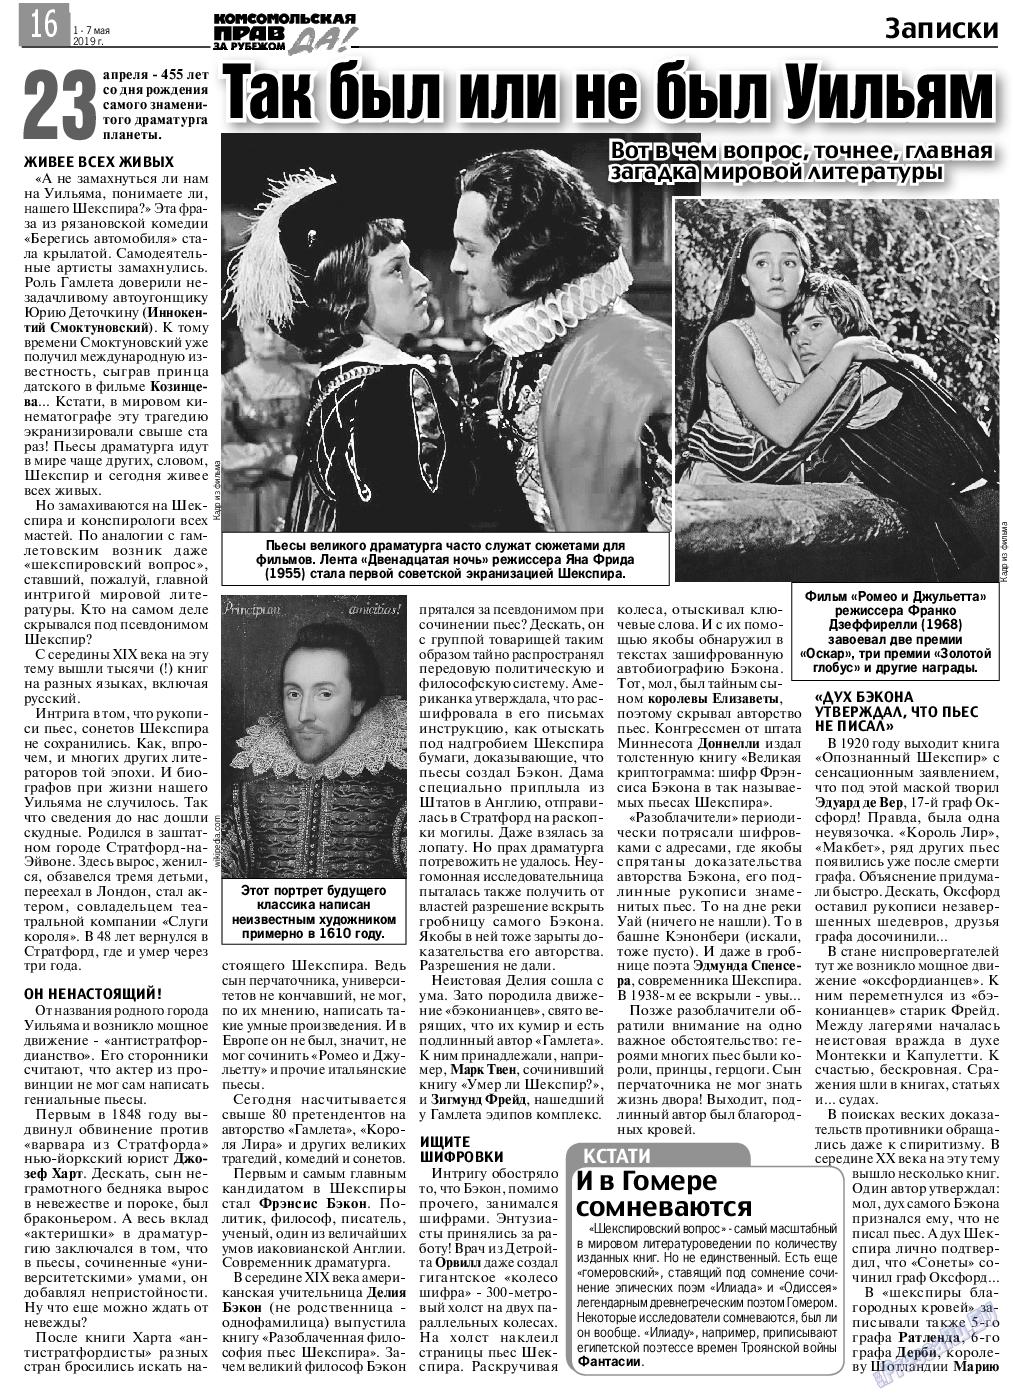 КП в Европе (газета). 2019 год, номер 18, стр. 16